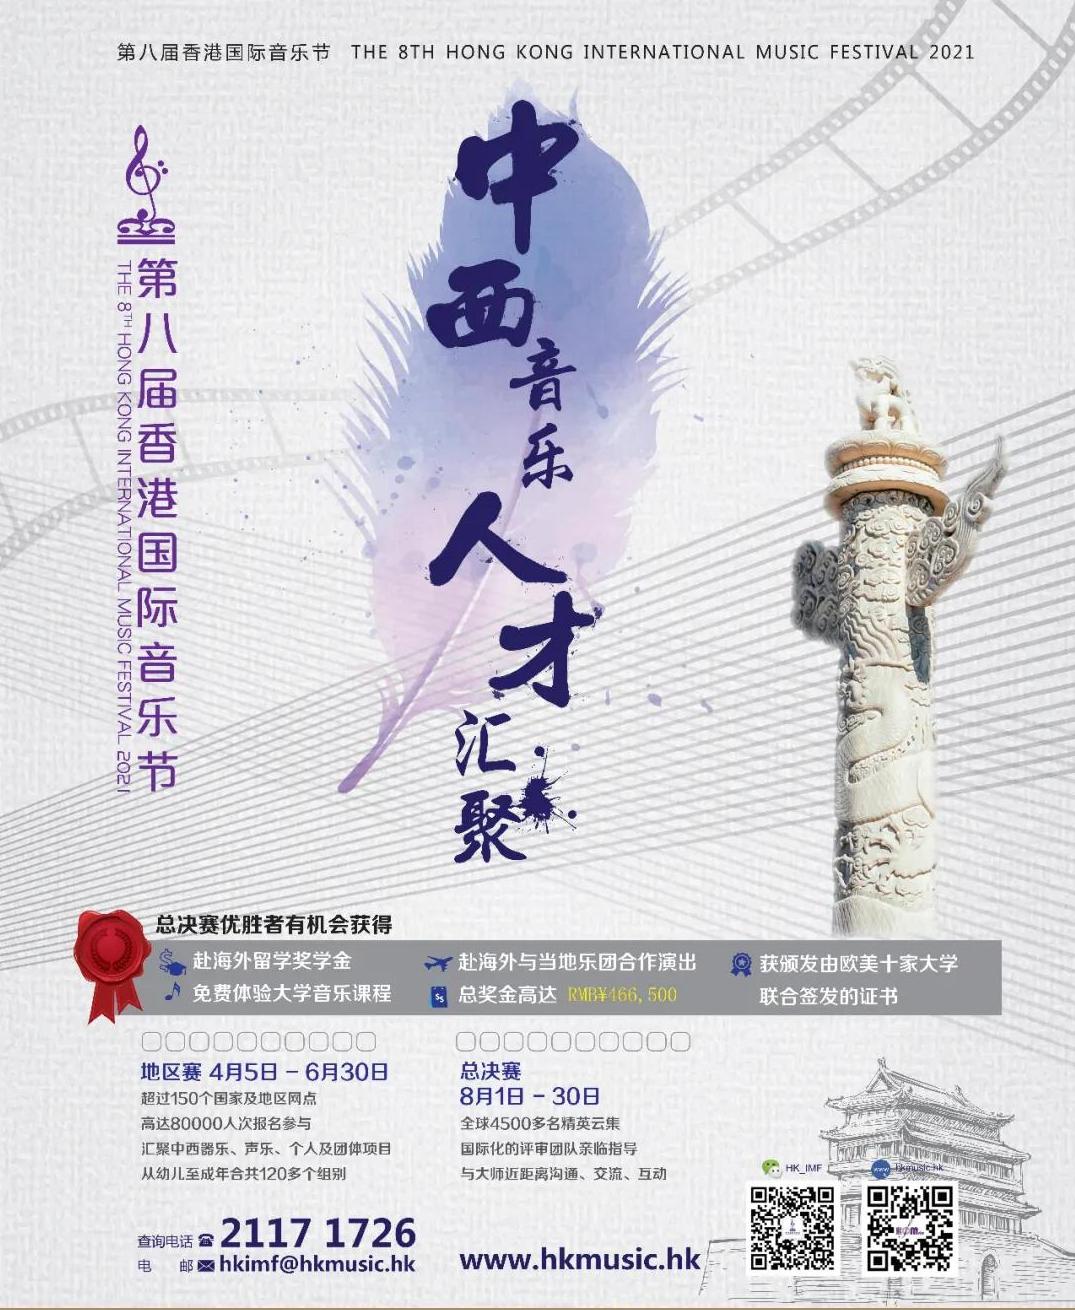 活动招募丨第八届香港国际音乐节选拔赛开始啦